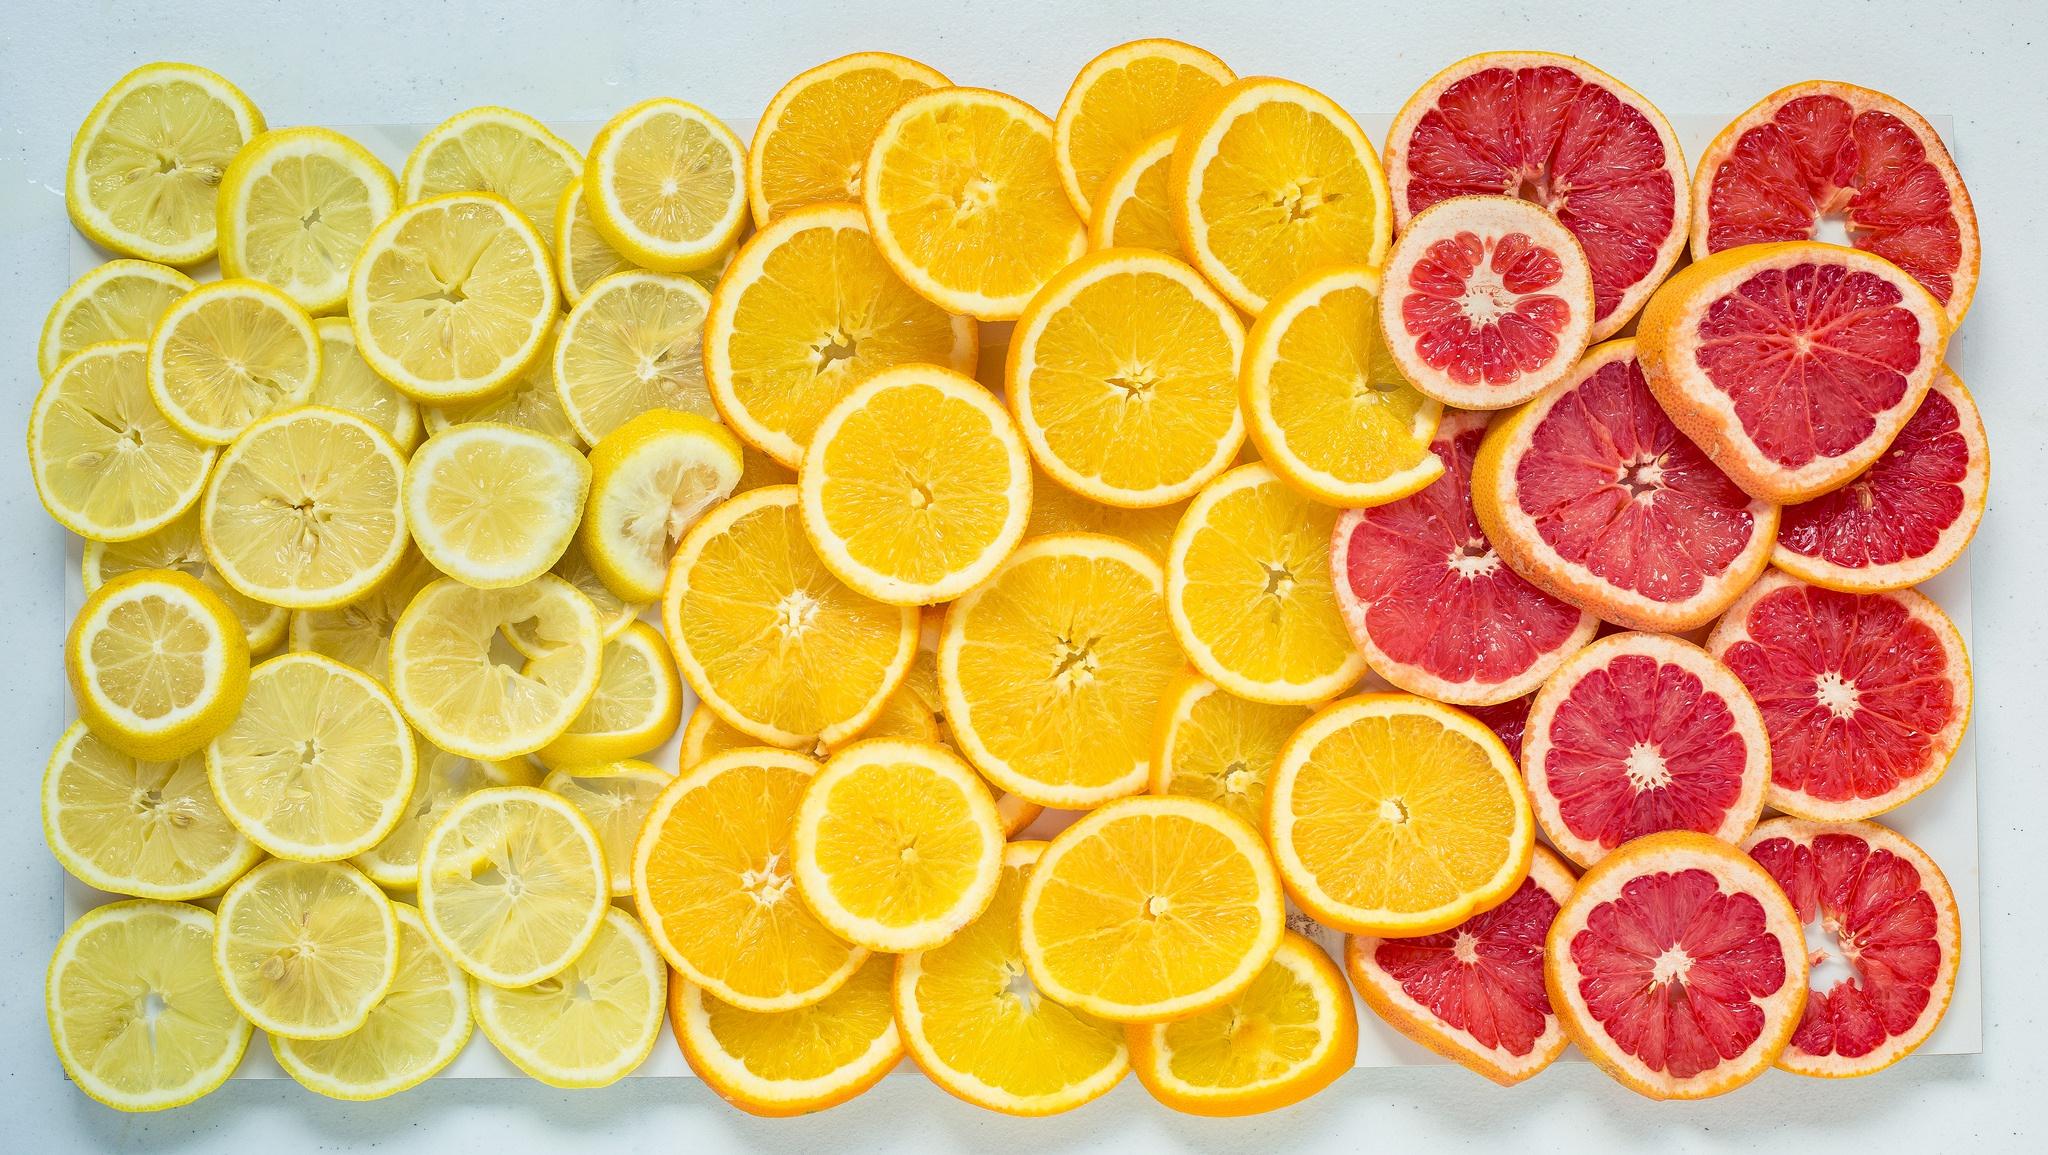 дольки грейпфрута  № 2133949 бесплатно